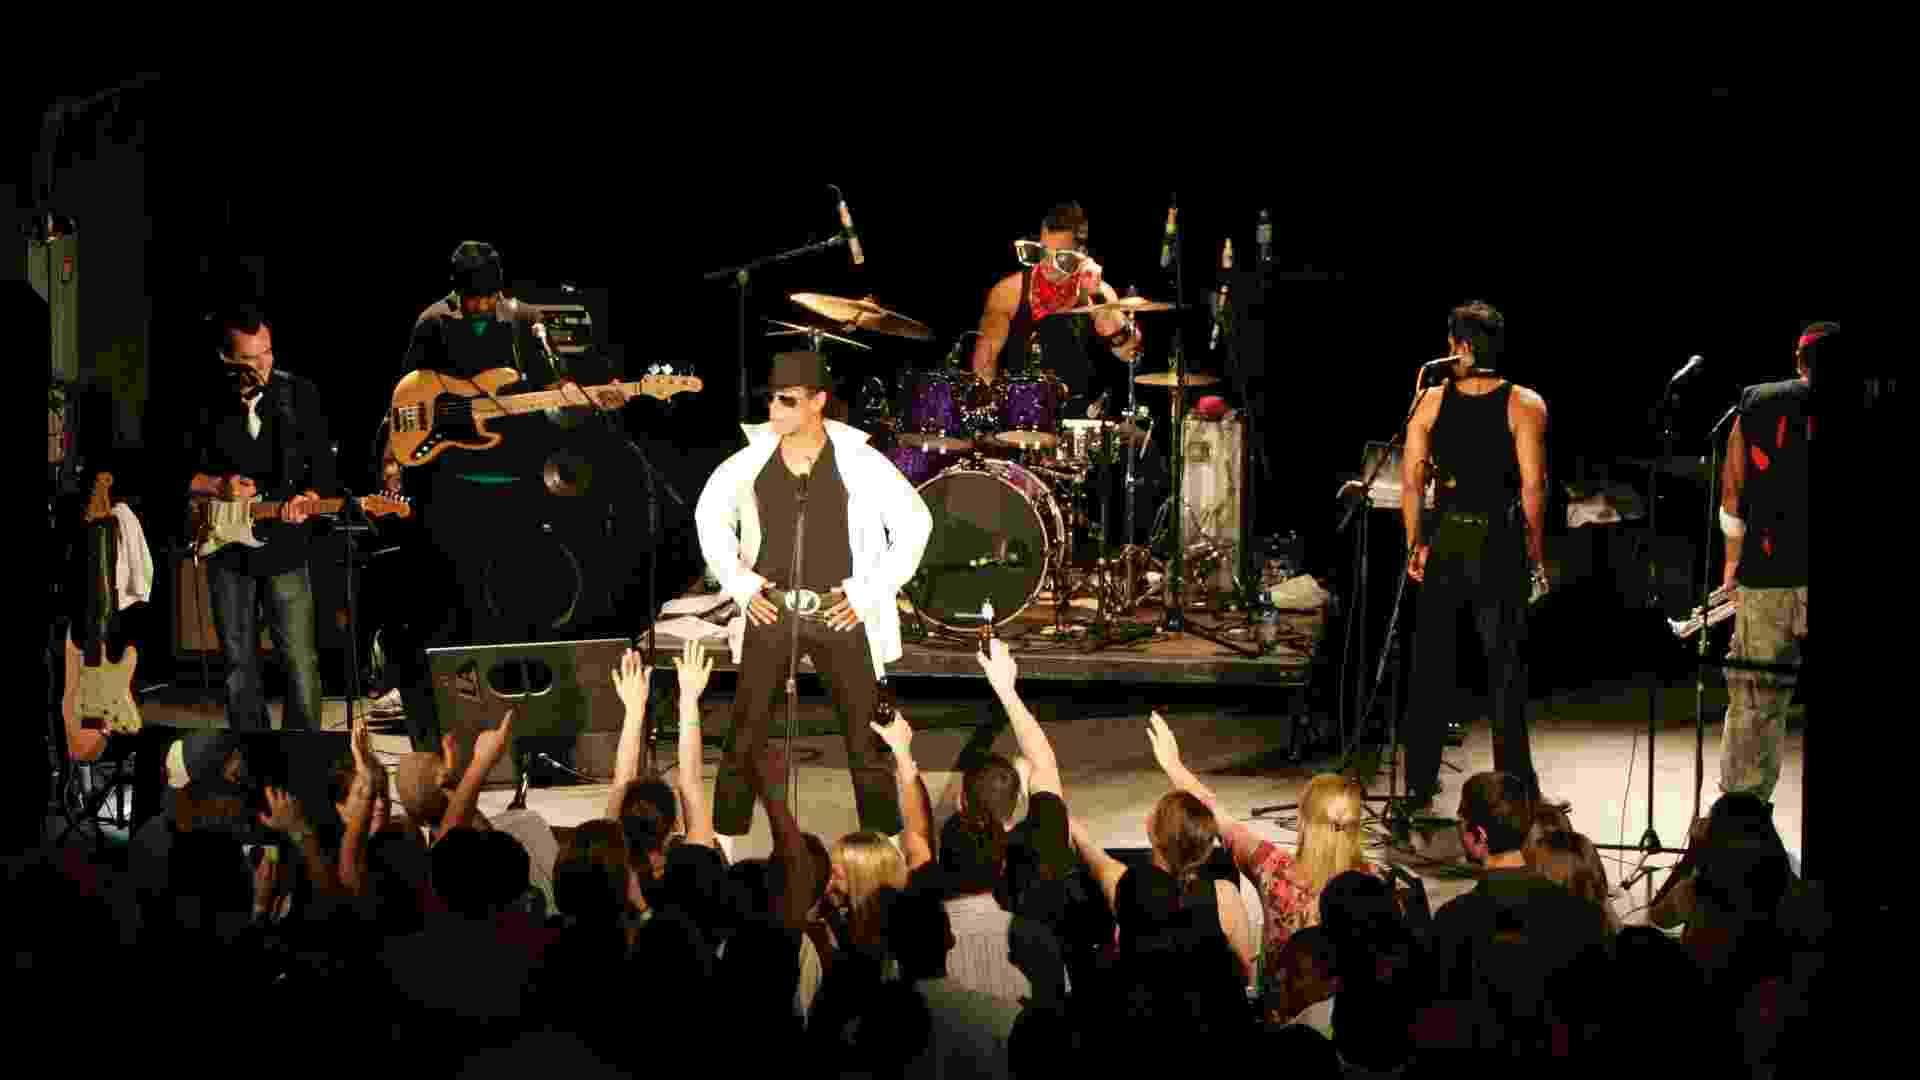 """Elenco apresenta espetáculo """"Who's Bad"""" com repertório que passa por toda a carreira do cantor Michael Jackson - Divulgação"""